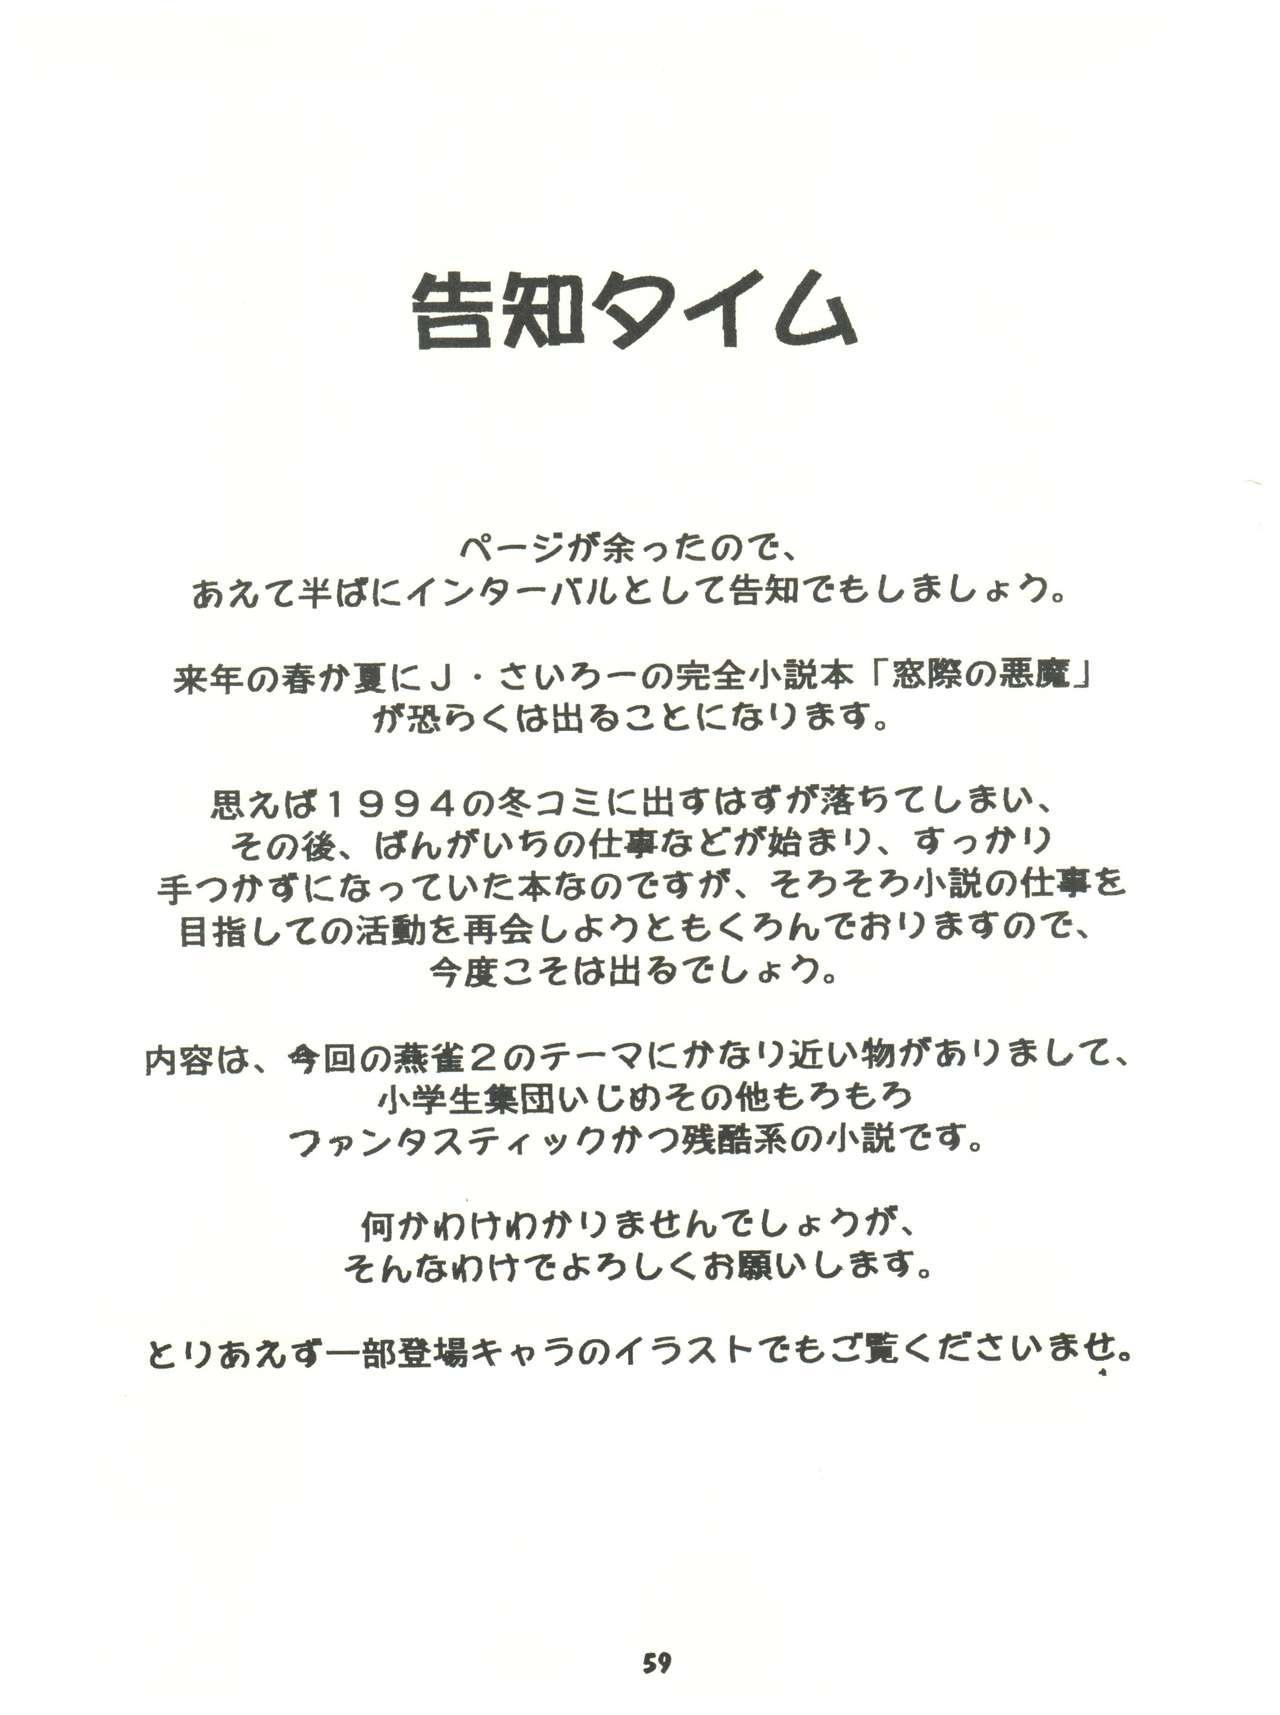 [Sairo Publishing (J. Sairo) En-Jack 2 (Various) 58